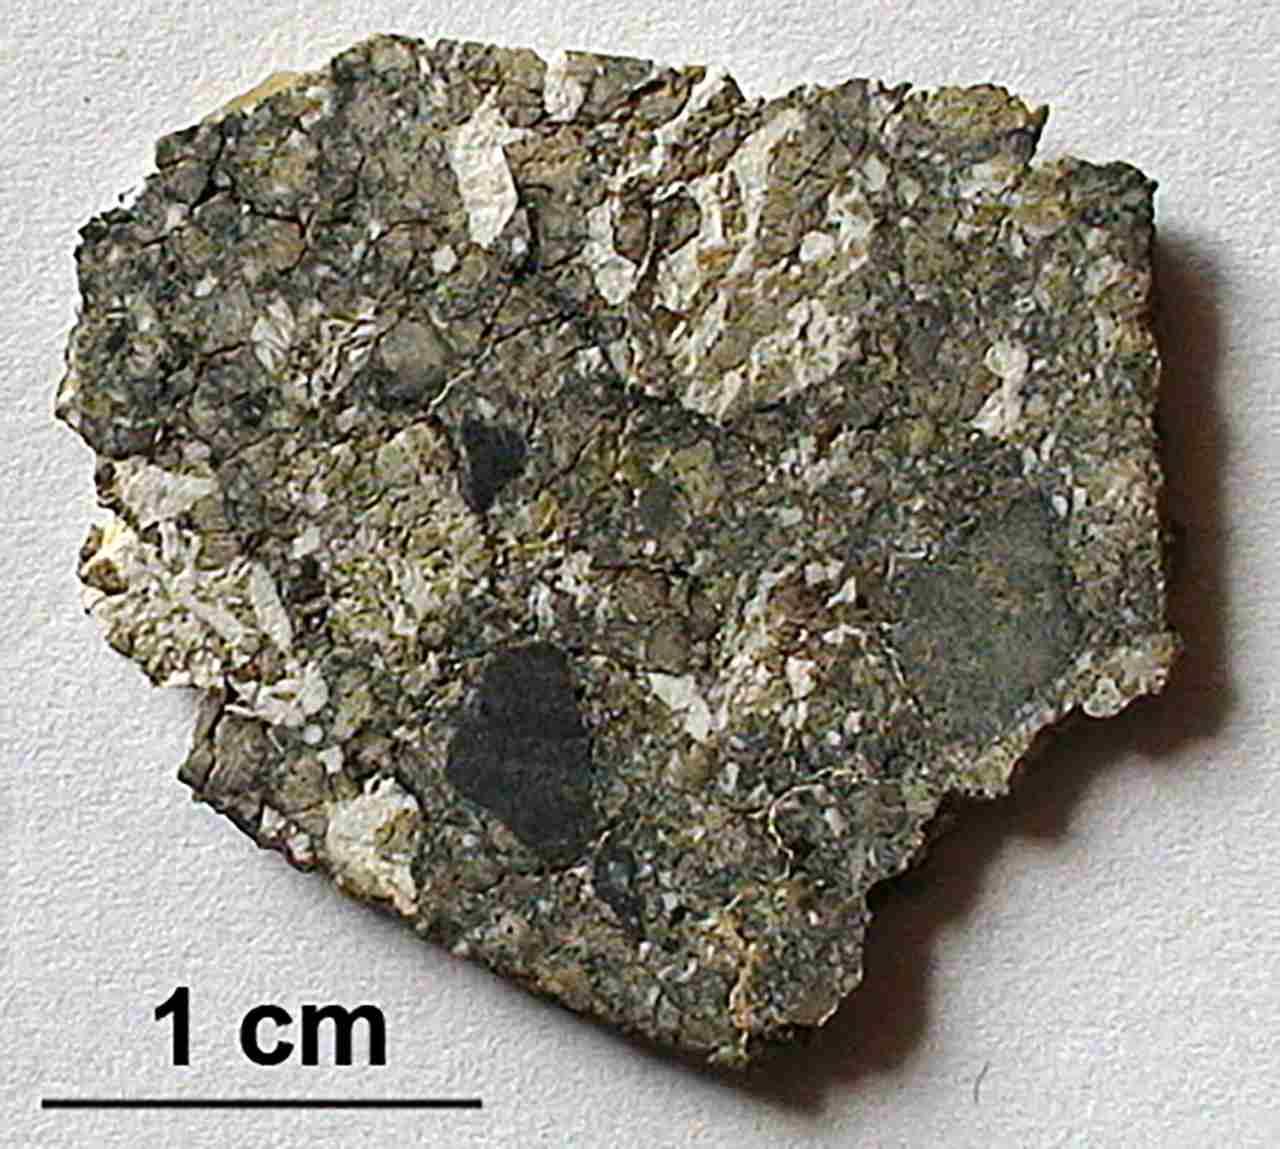 Un nouveau minéral dans la météorite lunaire découvert par des chercheurs, baptisé Downwilhelmsite